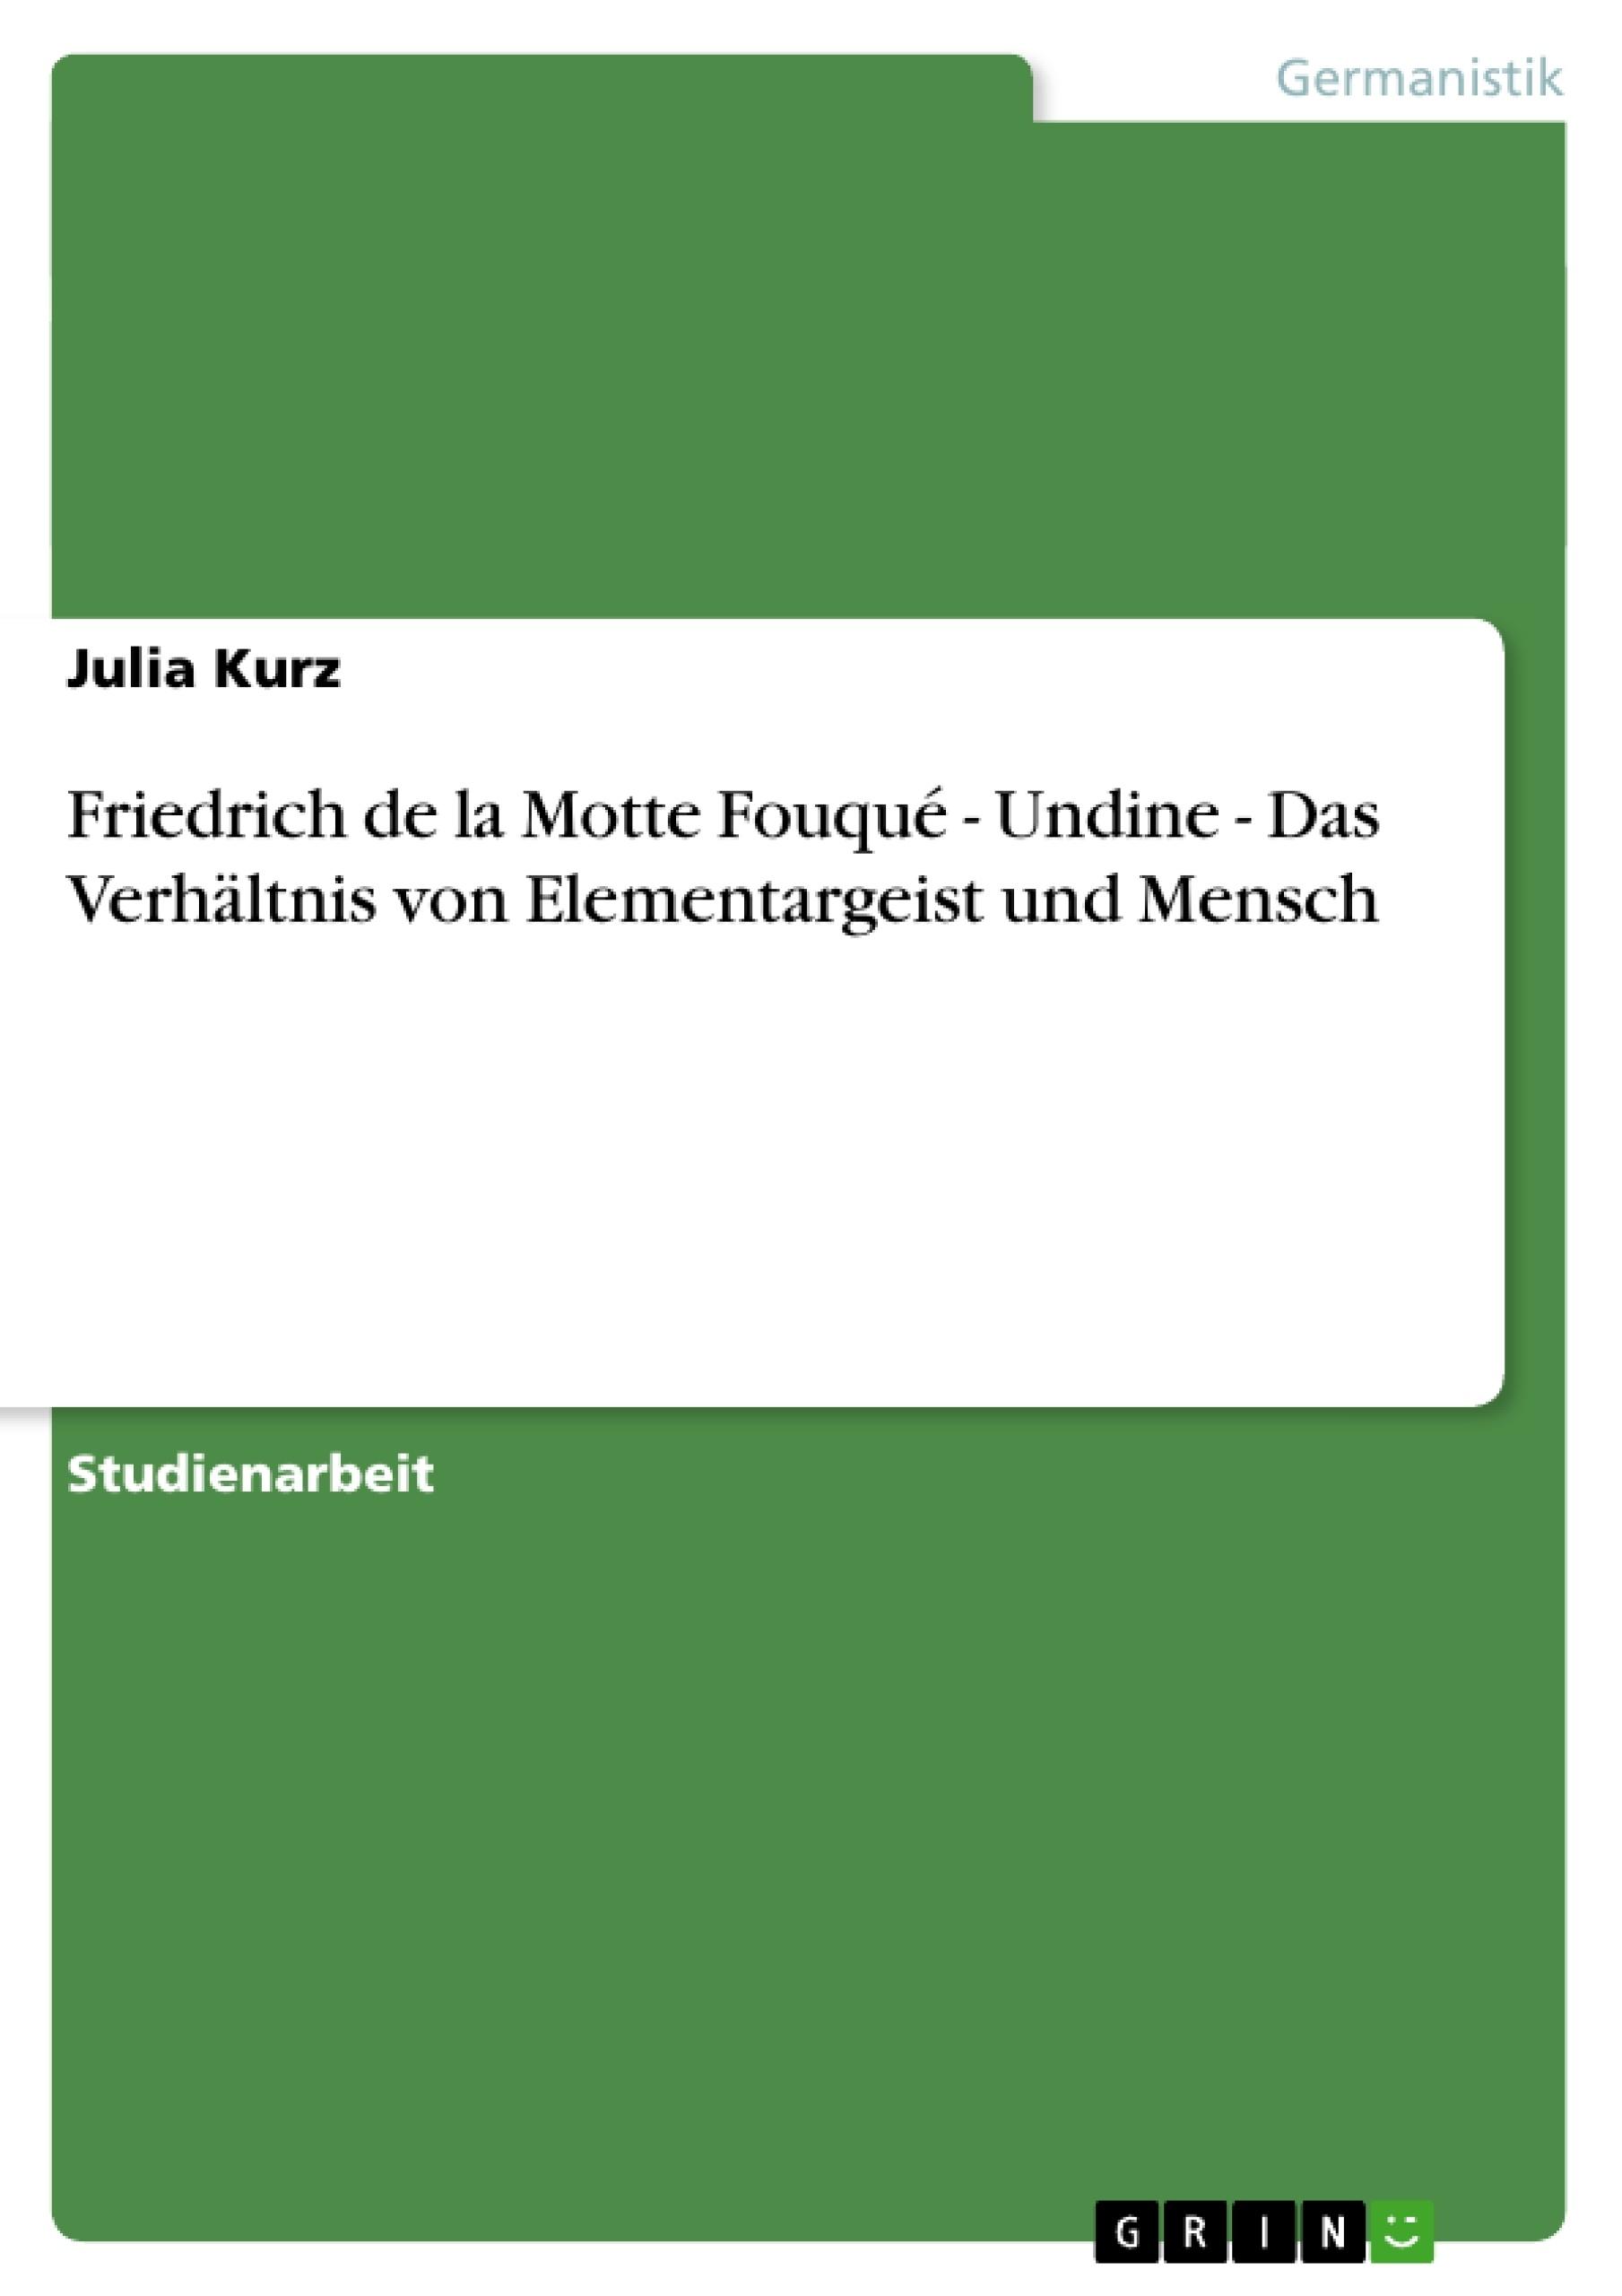 Titel: Friedrich de la Motte Fouqué - Undine - Das Verhältnis von Elementargeist und Mensch